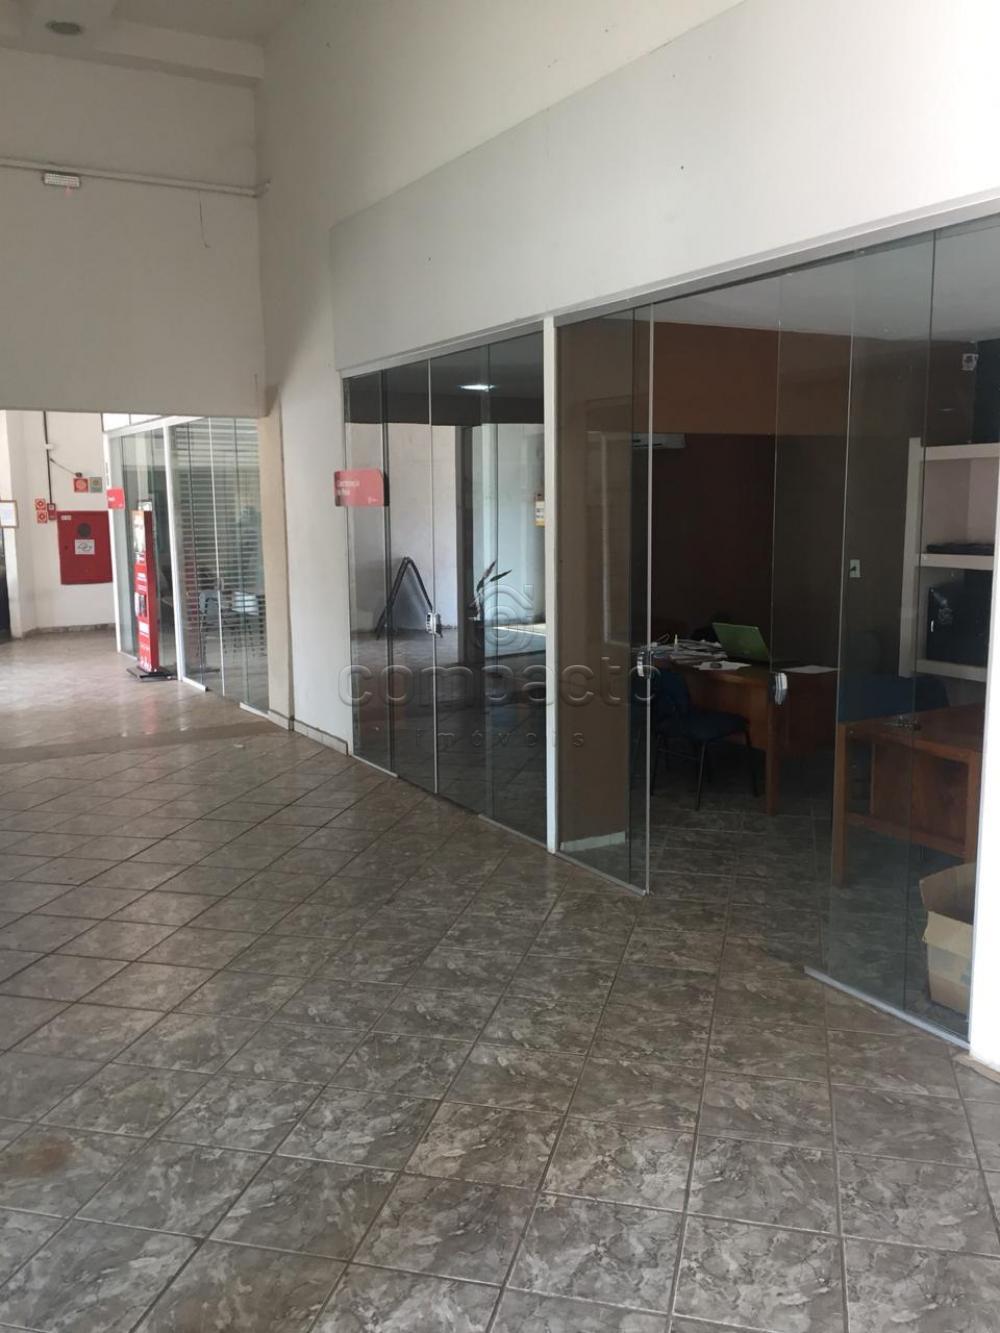 Alugar Comercial / Prédio em São José do Rio Preto apenas R$ 20.000,00 - Foto 5